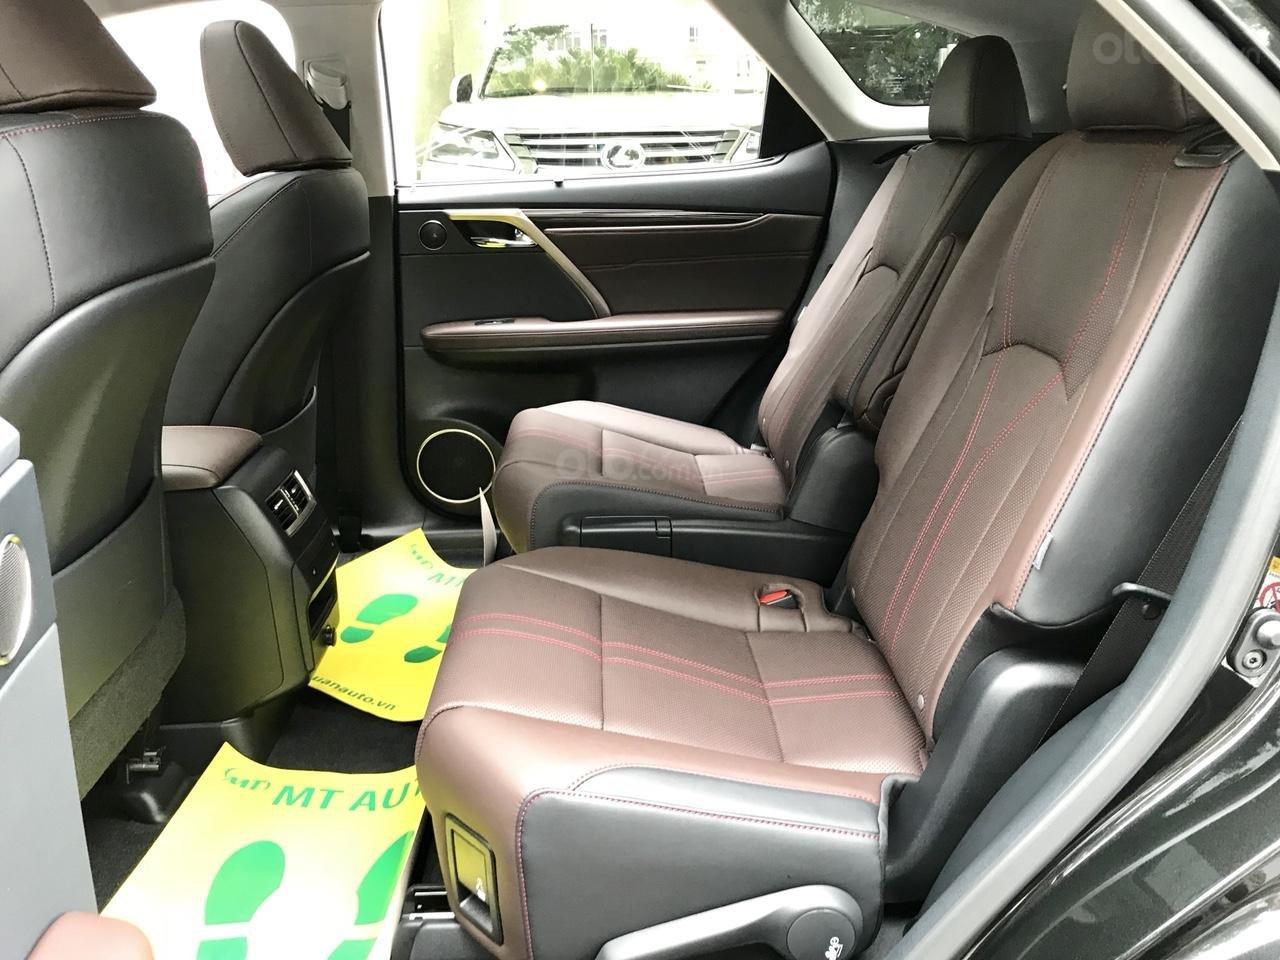 Bán Lexus RX 350L 6 chỗ đời 2019, xe nhập Mỹ, giá tốt, giao ngay, LH 094.539.2468 Ms Hương (8)